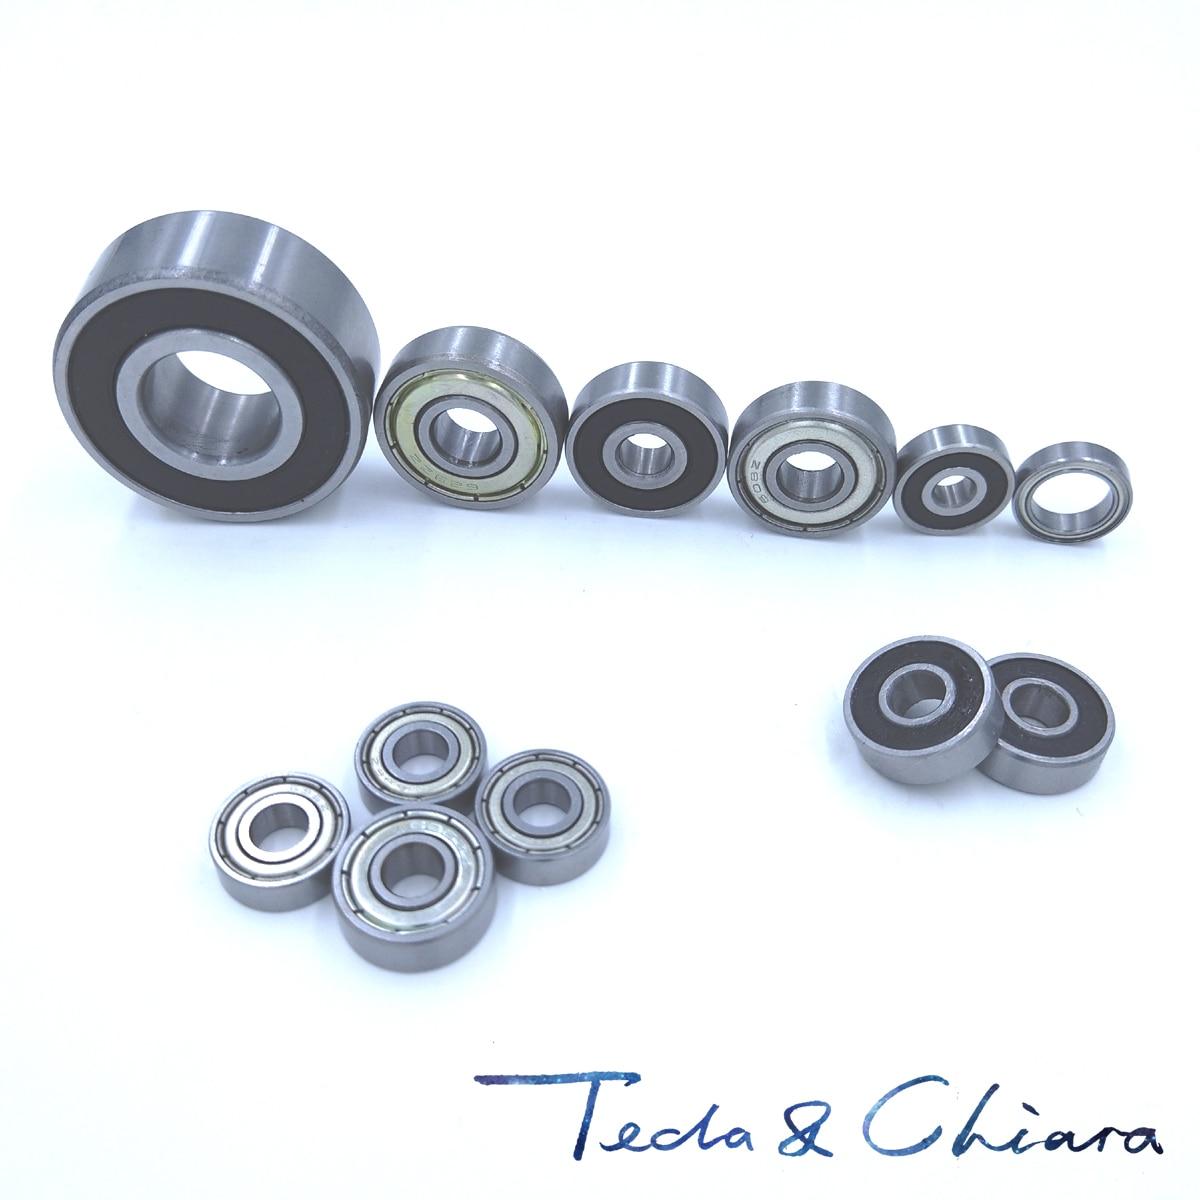 10 Uds 606 606ZZ 606RS 606-2Z 606Z 606-2RS ZZ RS RZ 2RZ los rodamientos de bolas de ranura profunda 6x17x6mm alta calidad